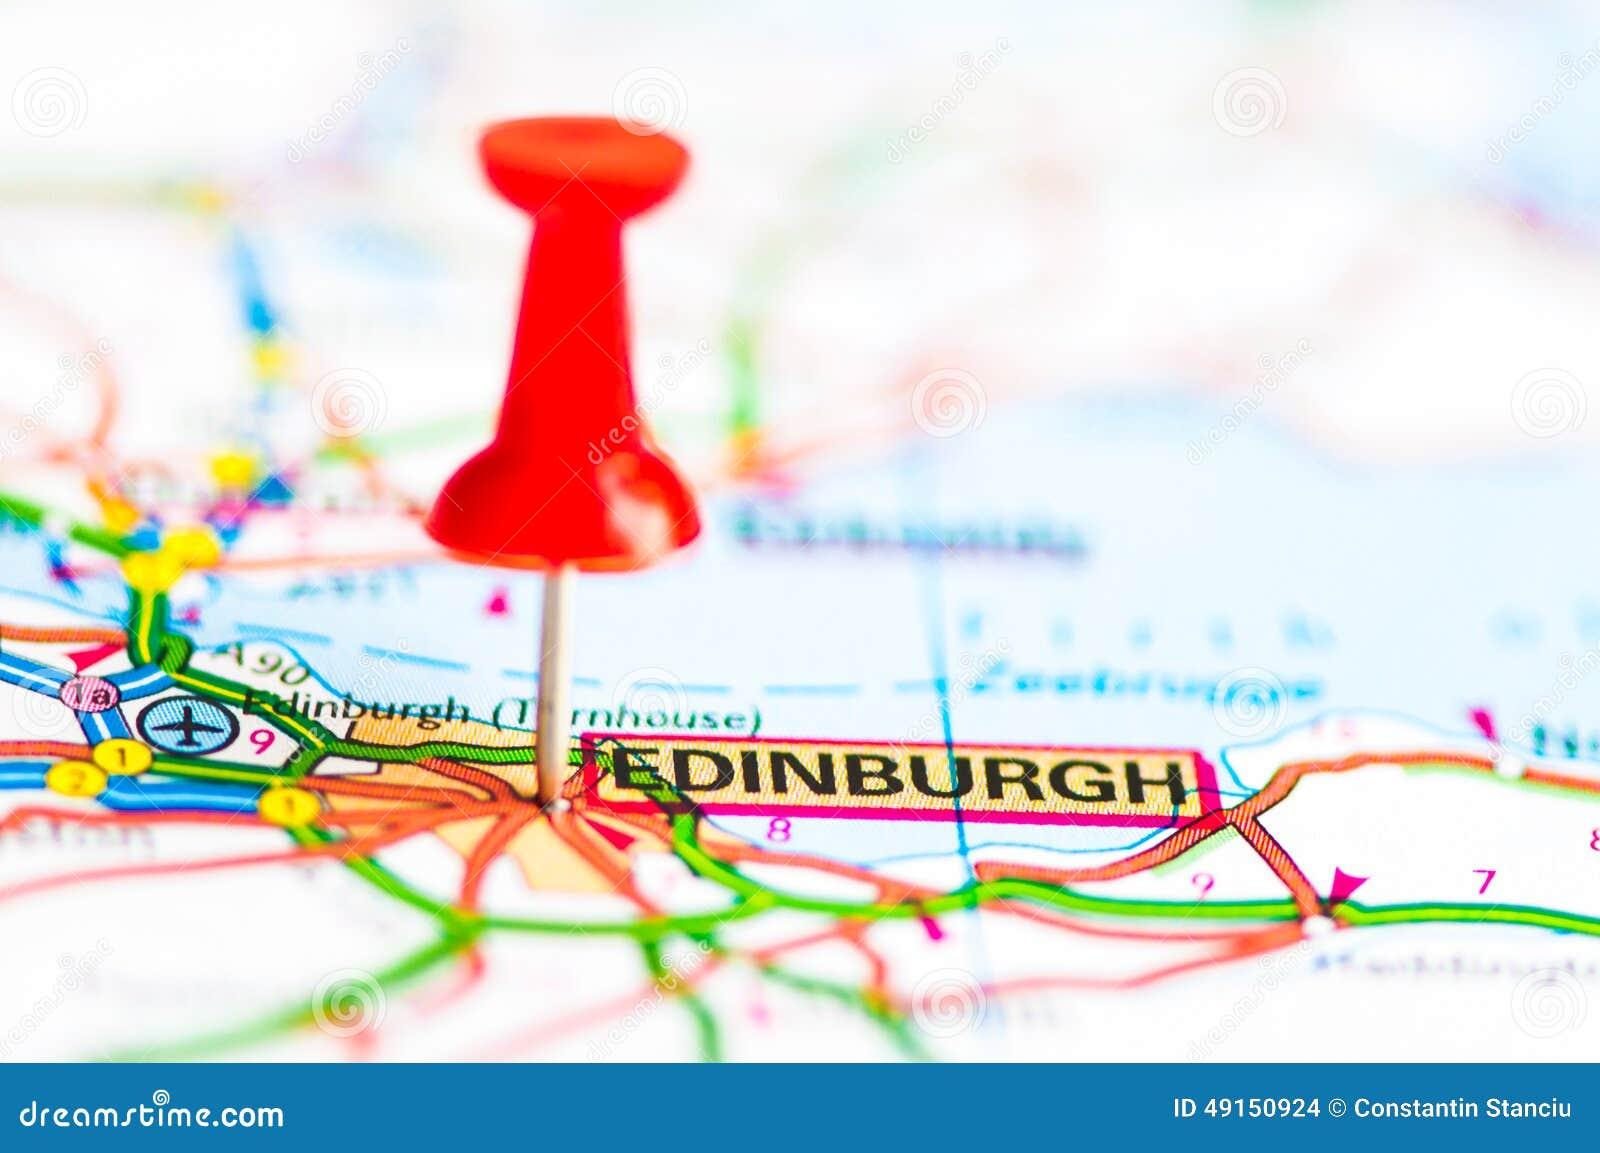 Tiro Del Primer Sobre La Ciudad De Edimburgo En El Mapa Escocia